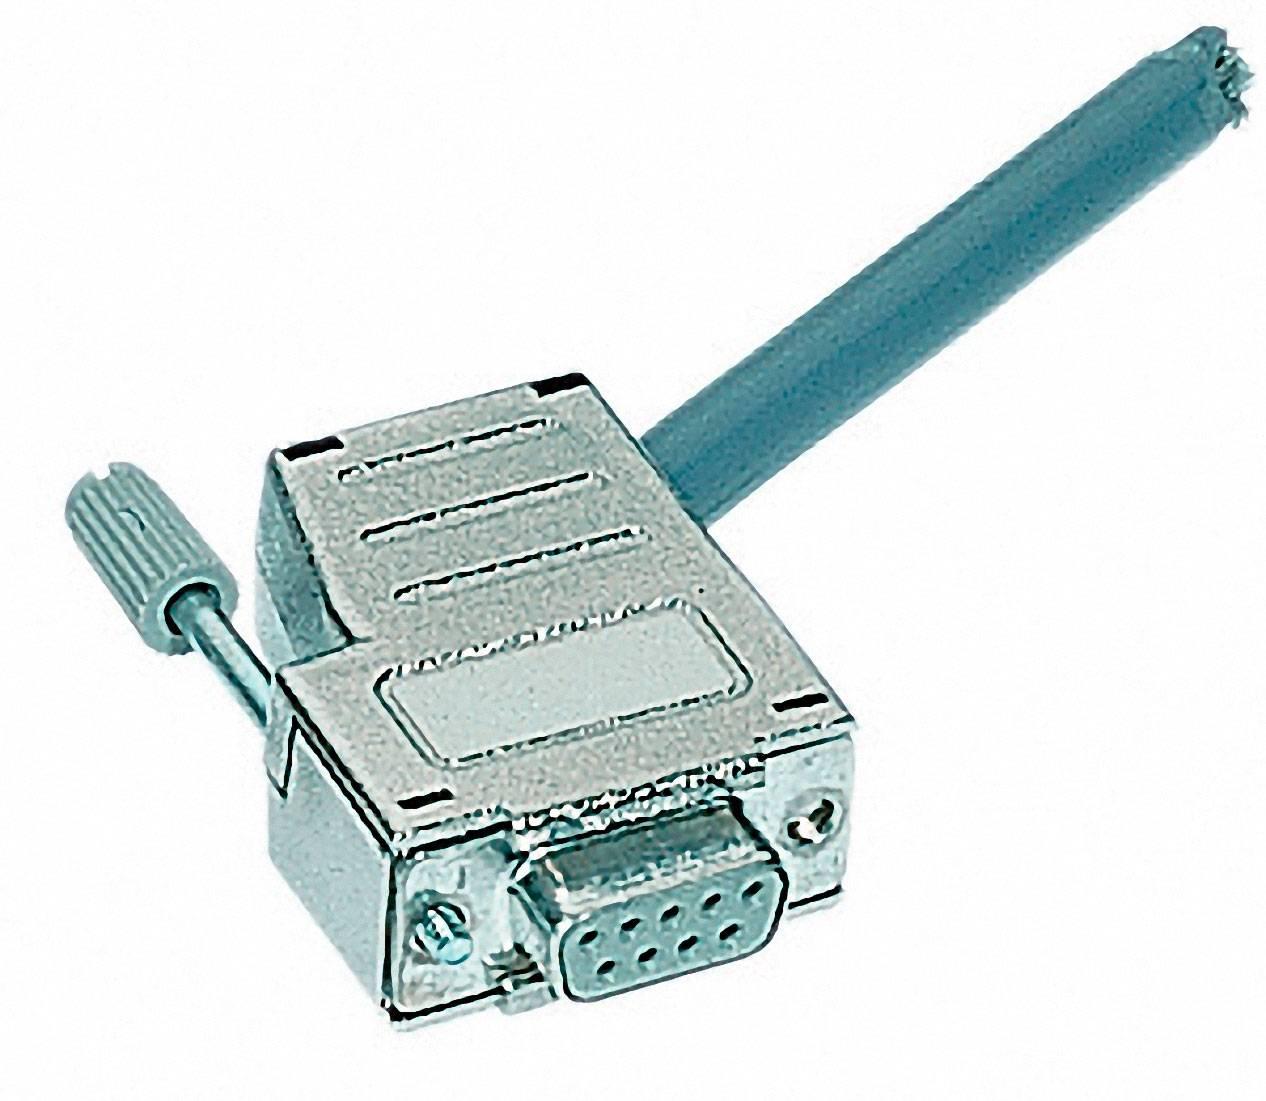 D-SUB pouzdro Harting 09 67 037 0435, pólů: 37, plast, pokovený, 45 °, stříbrná, 1 ks